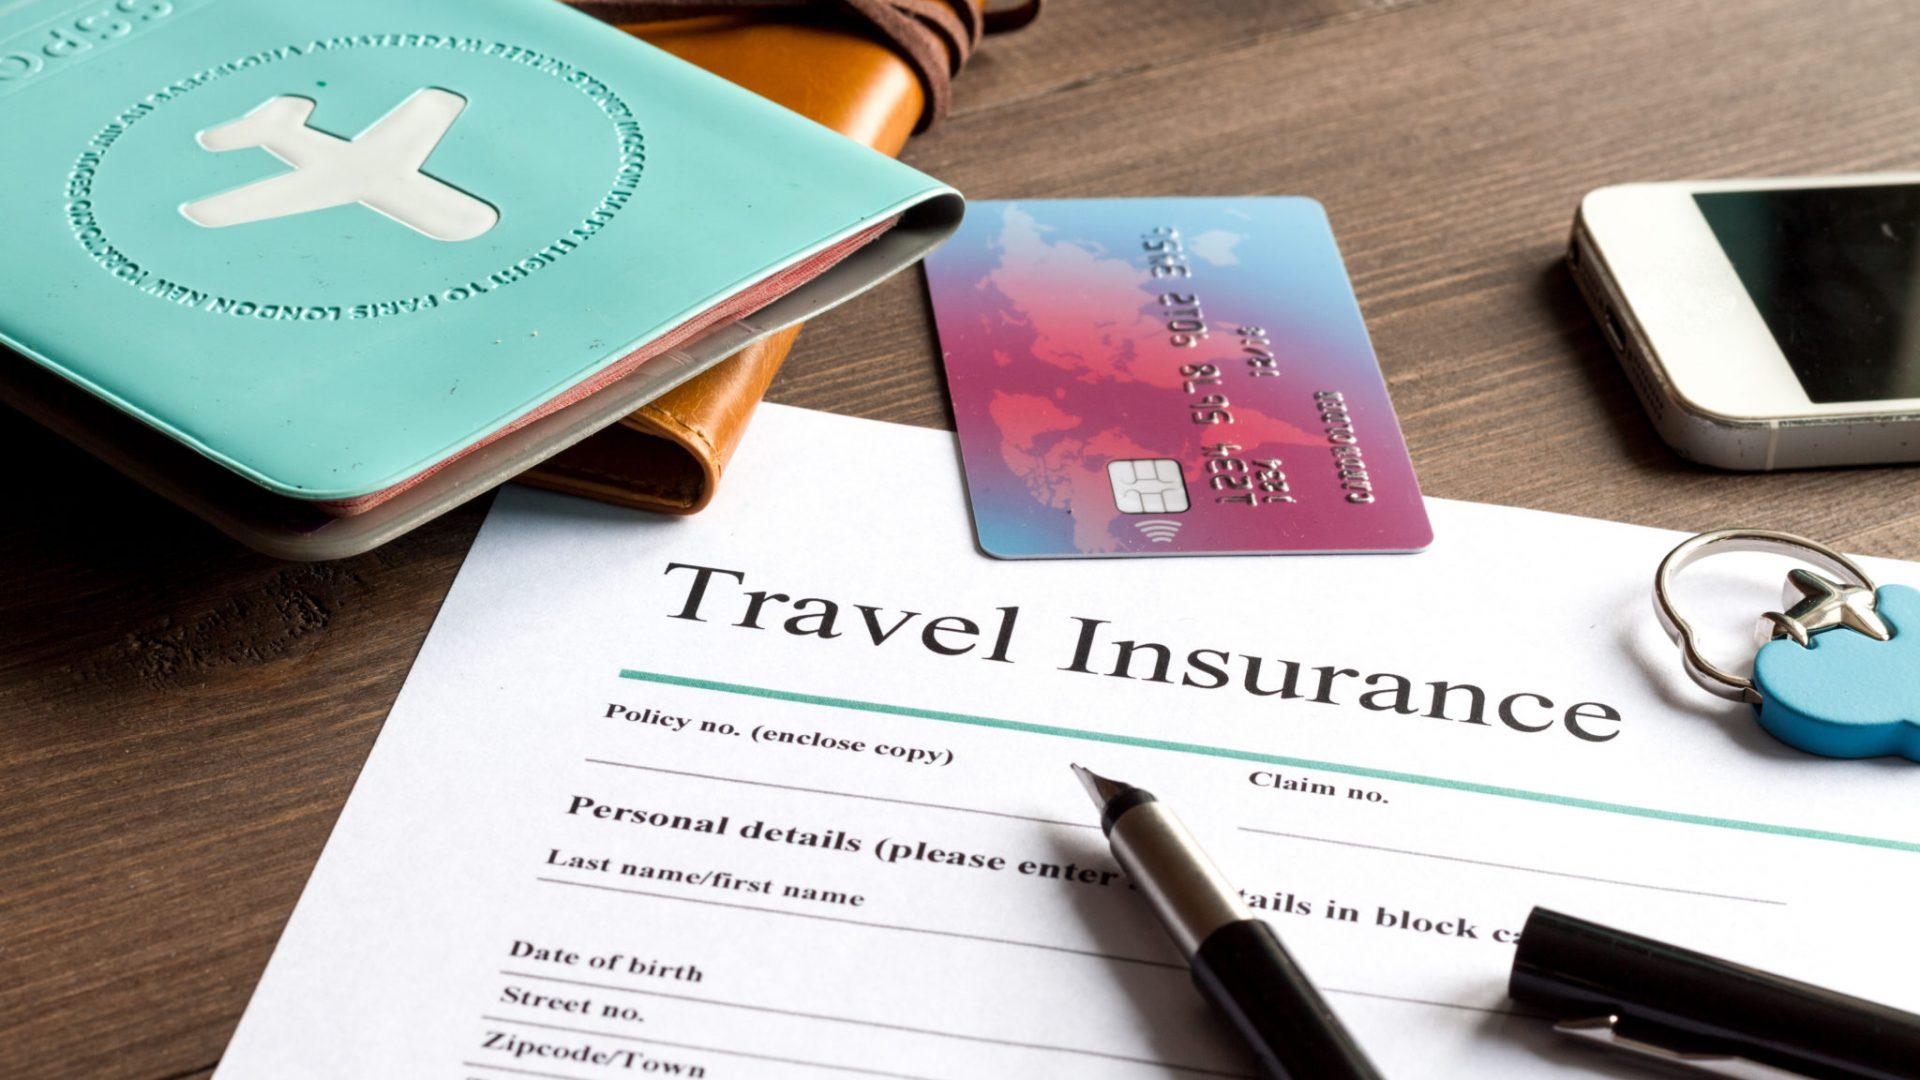 купить туристическую страховку